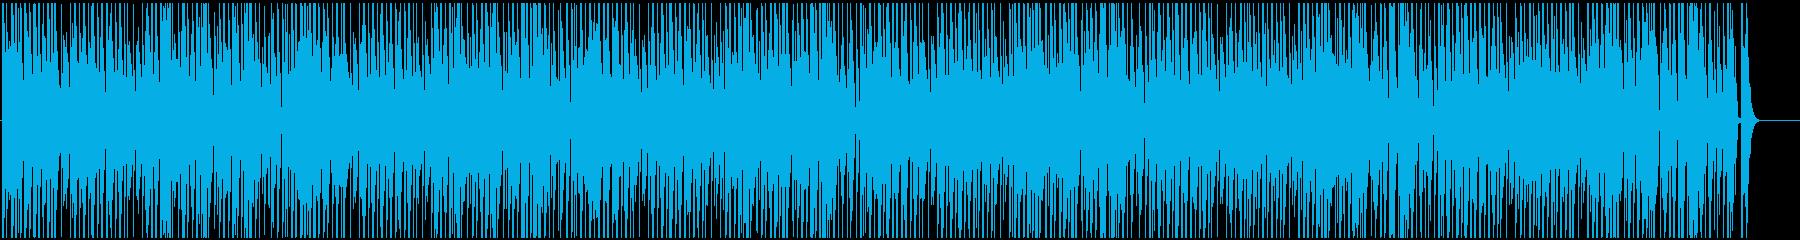 ほのぼのした日常のBGMの再生済みの波形